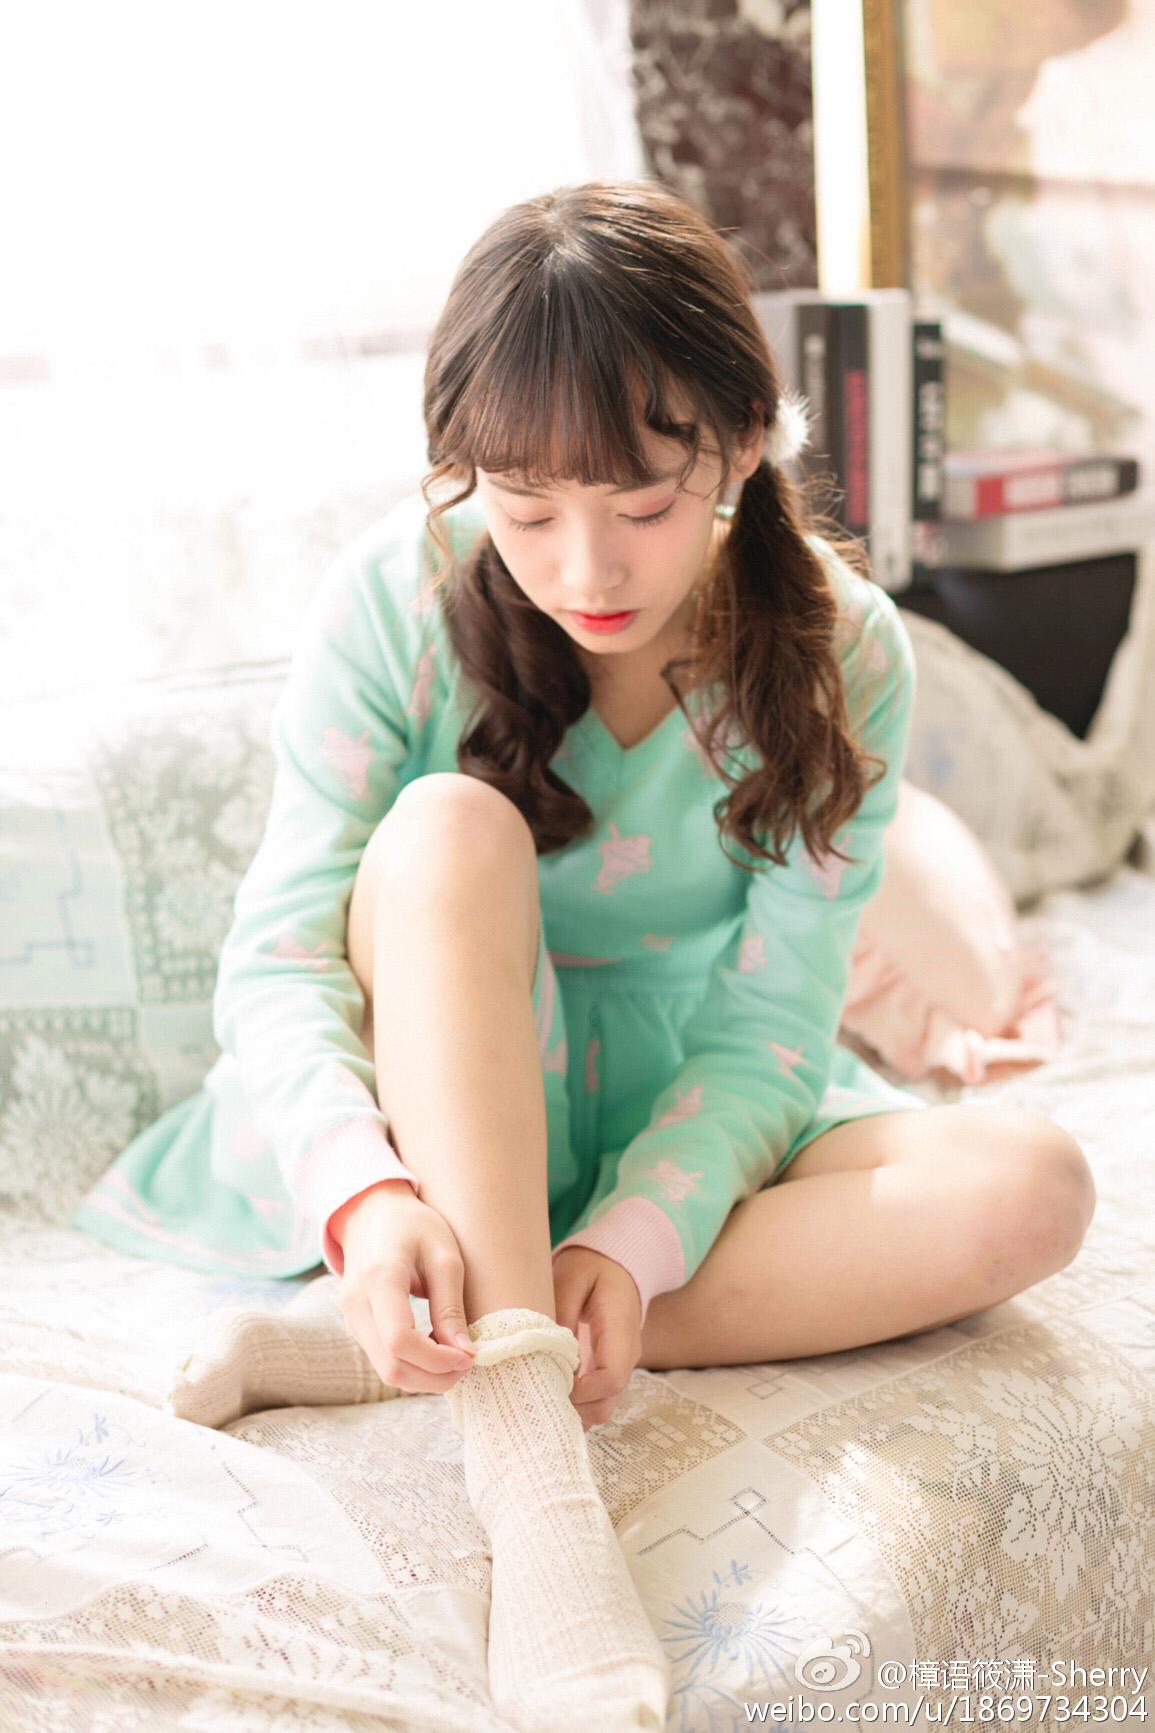 绿衣少女和她的午后插图4